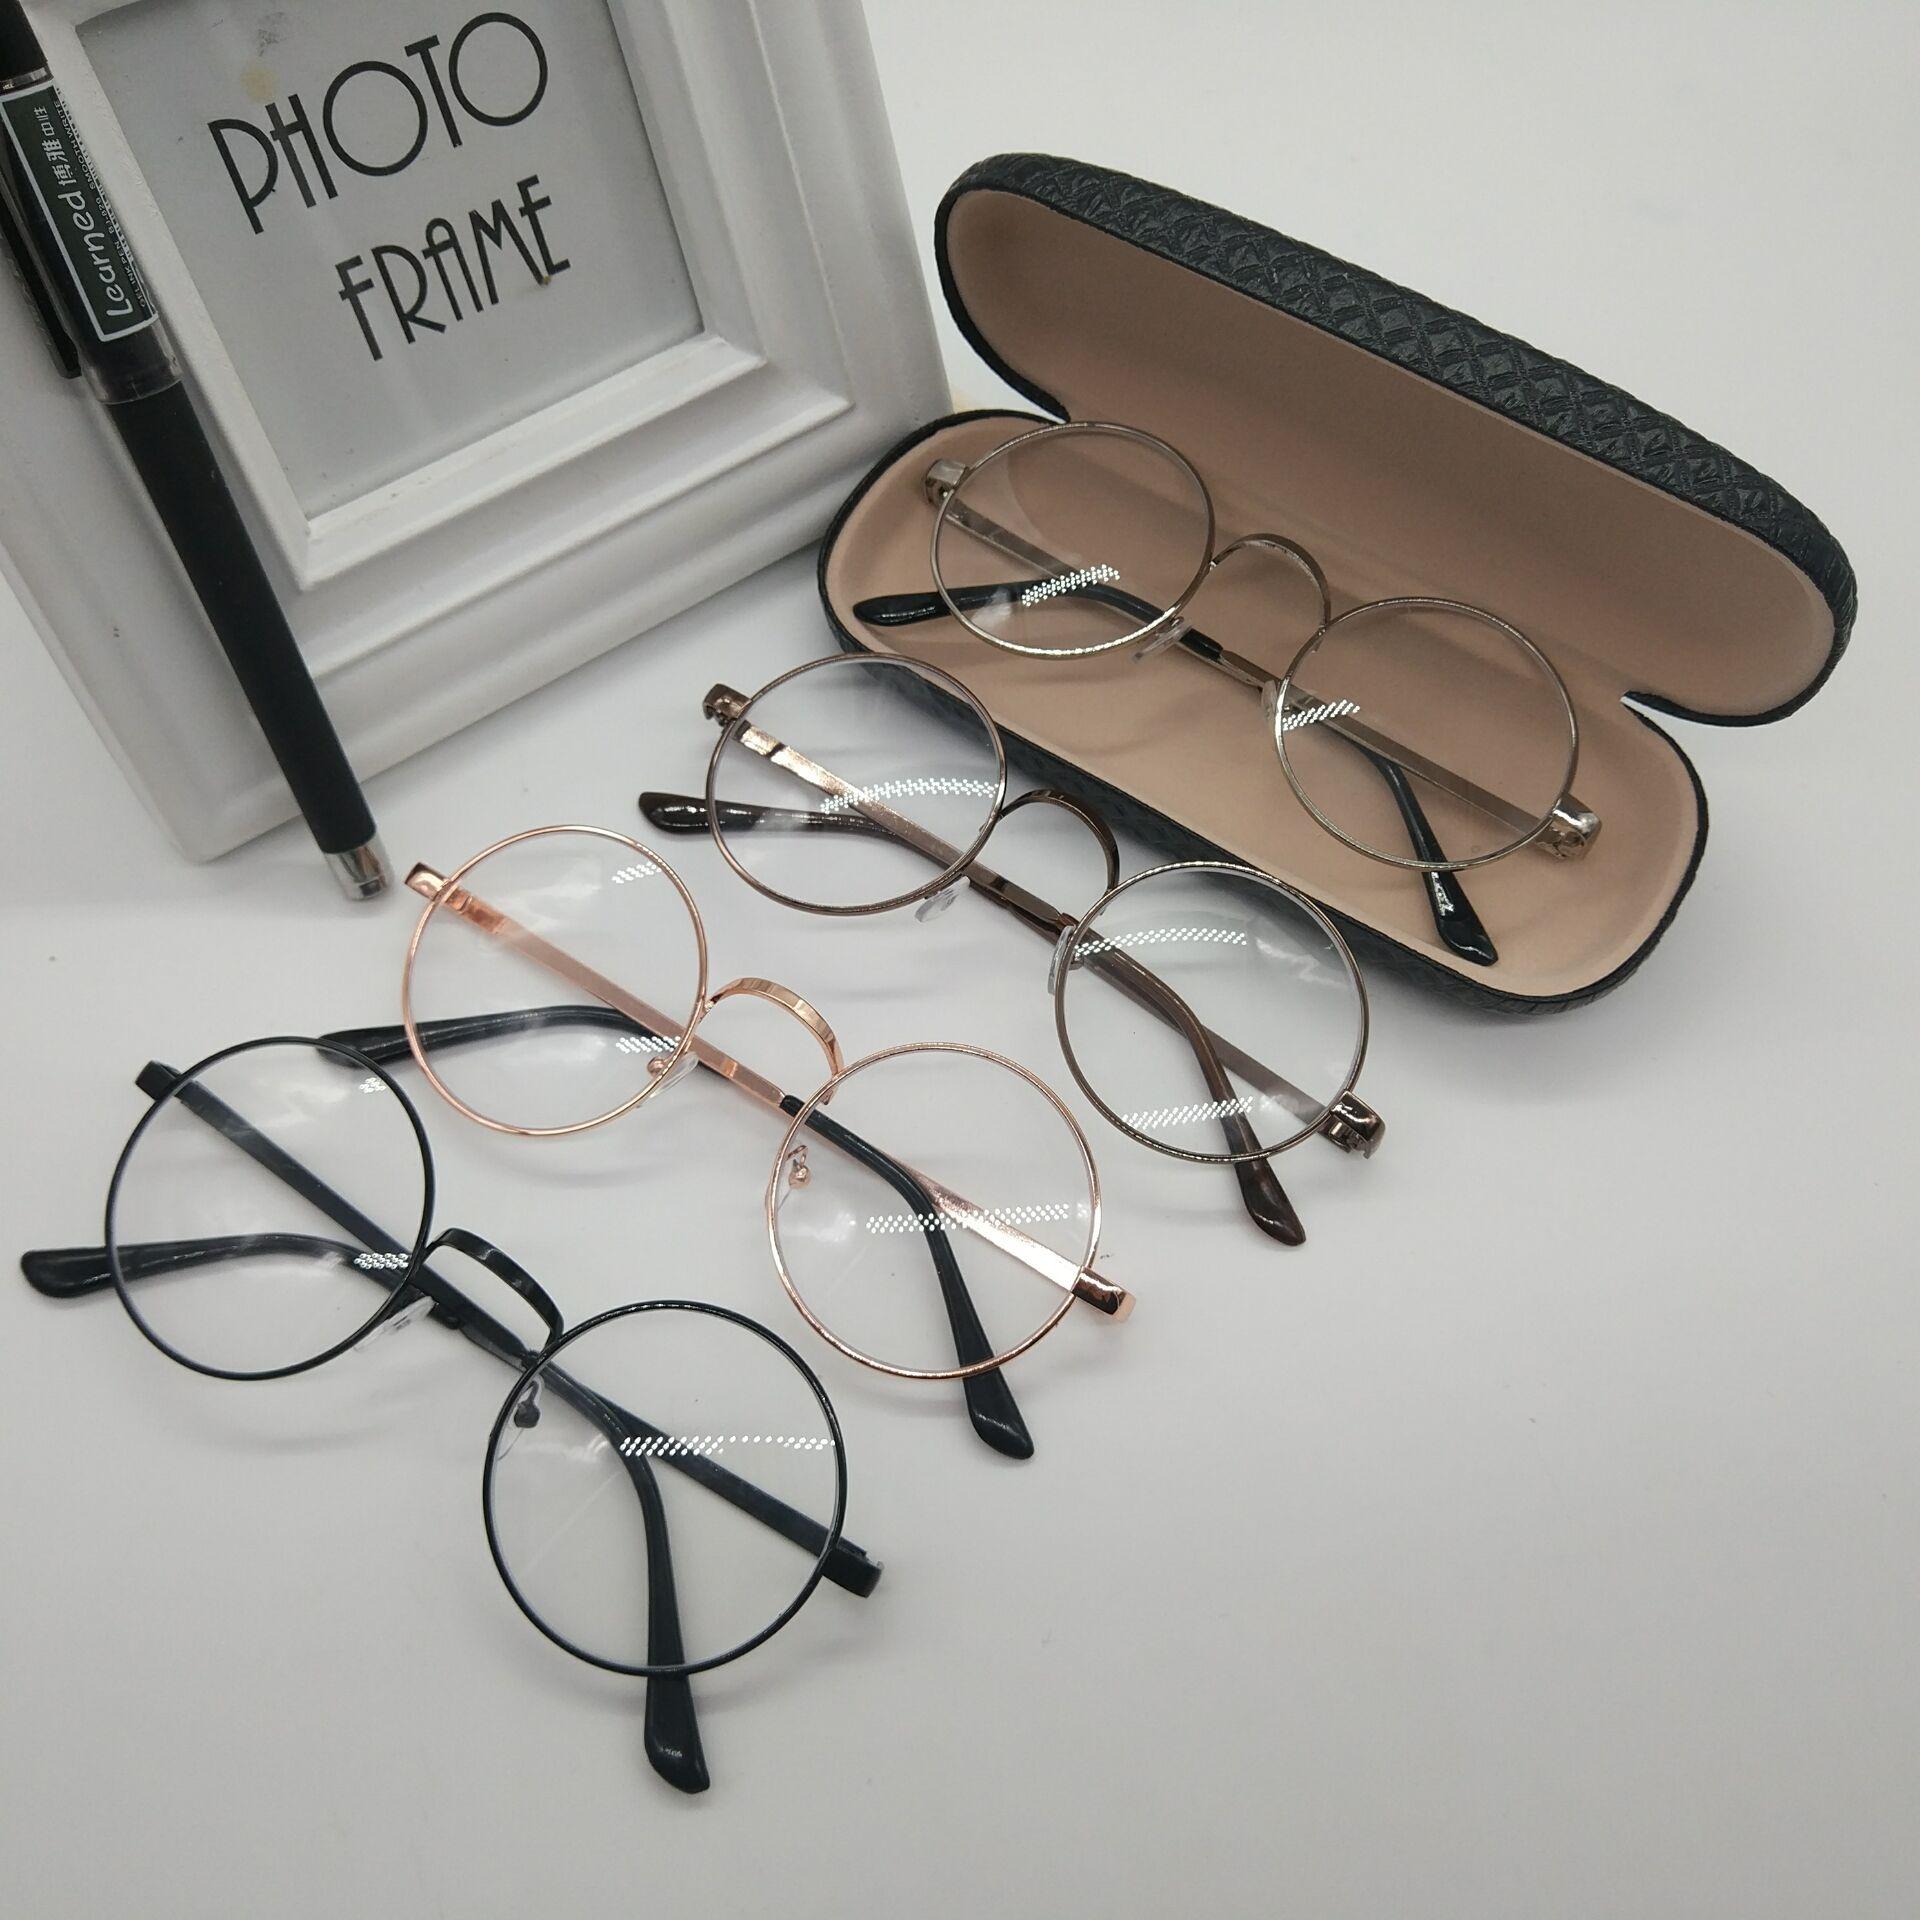 眼镜[正品招聘员绘图]眼镜厂绘图ug招聘员评测室内设计cad图标认识图片